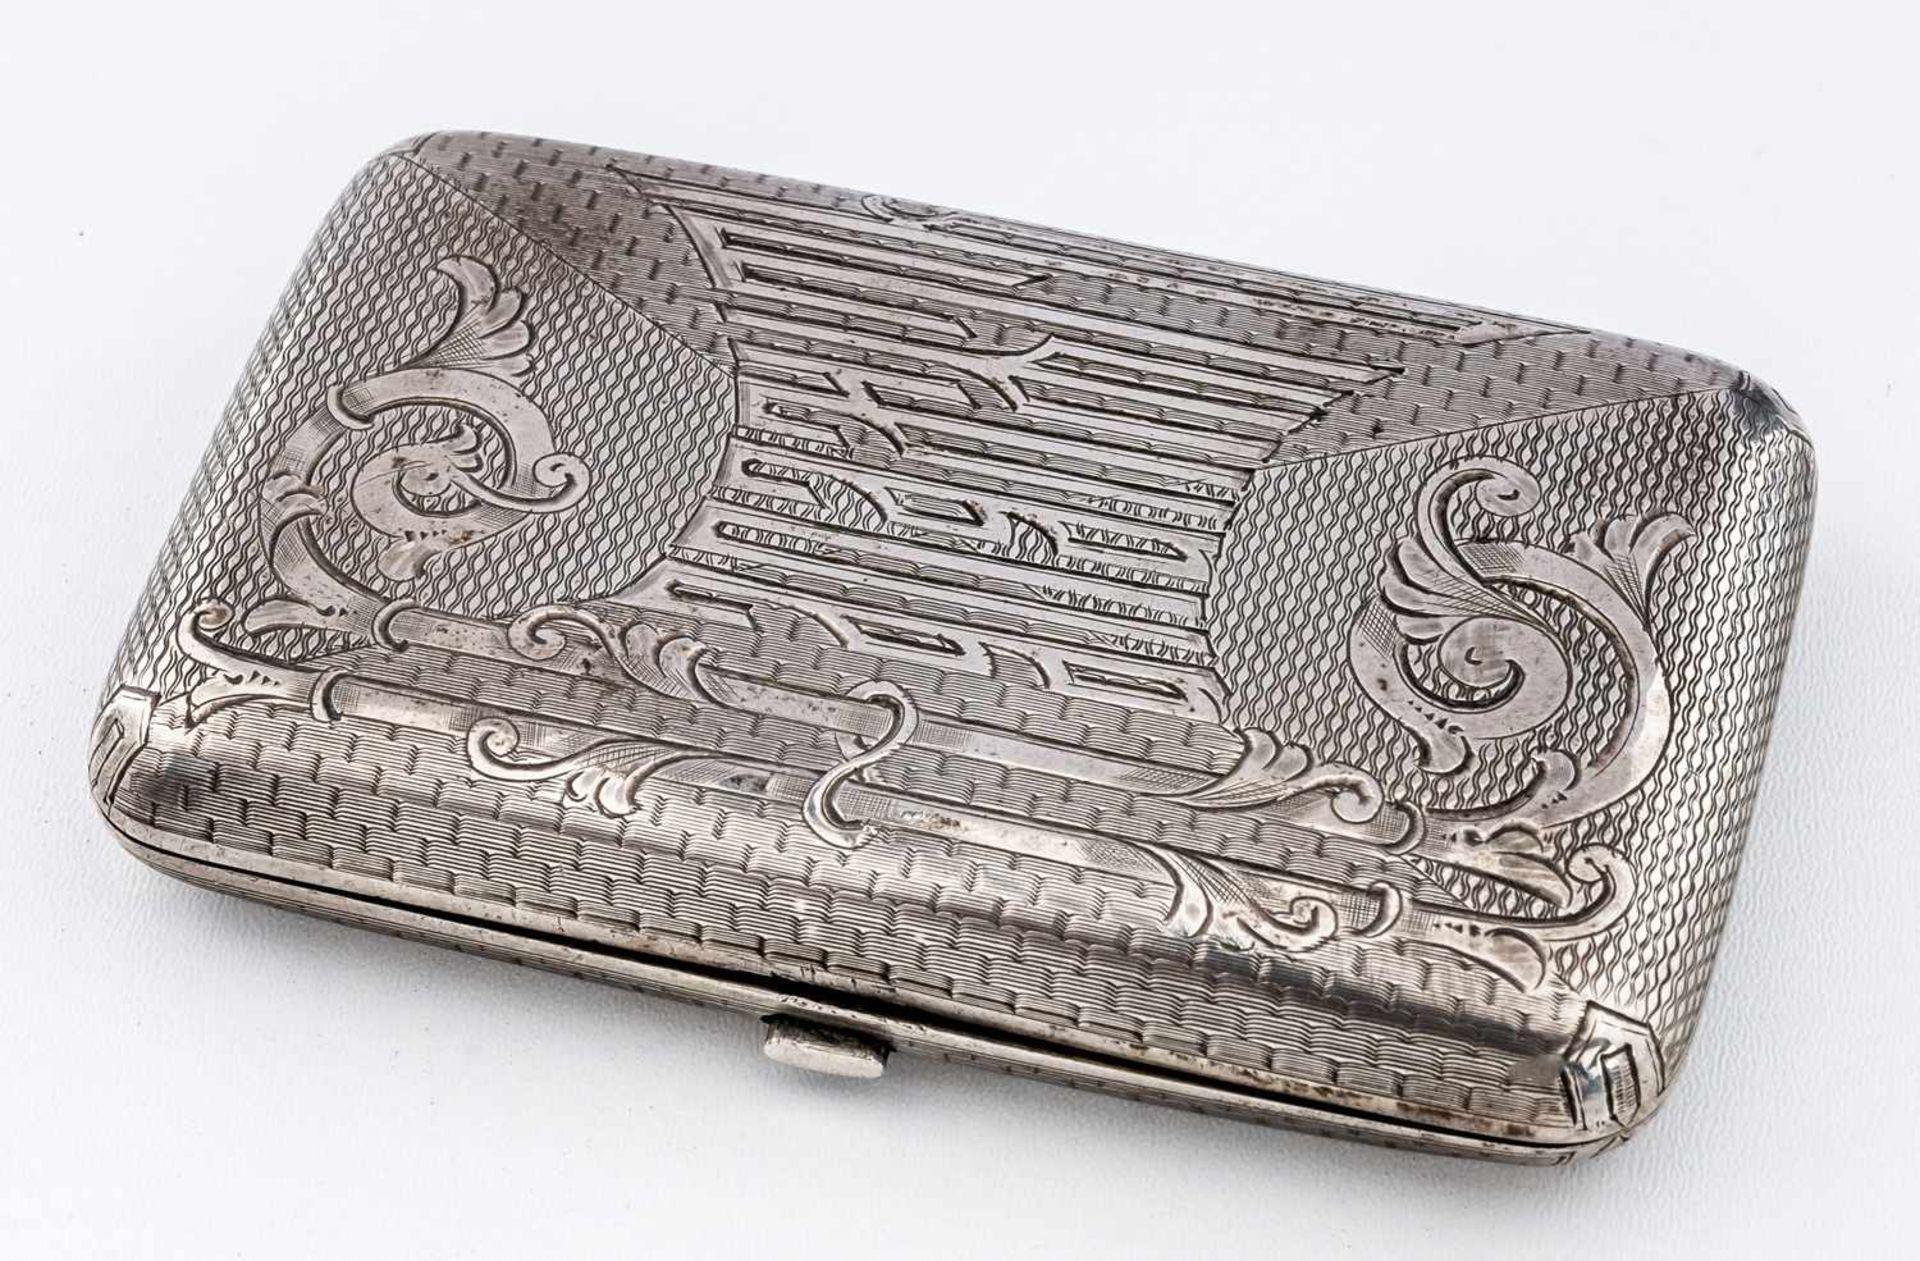 """Zigarettenetui Russland, Silber (106g), St. Petersburg vor 1899 Meister: """"PJS"""" in lateinischen"""